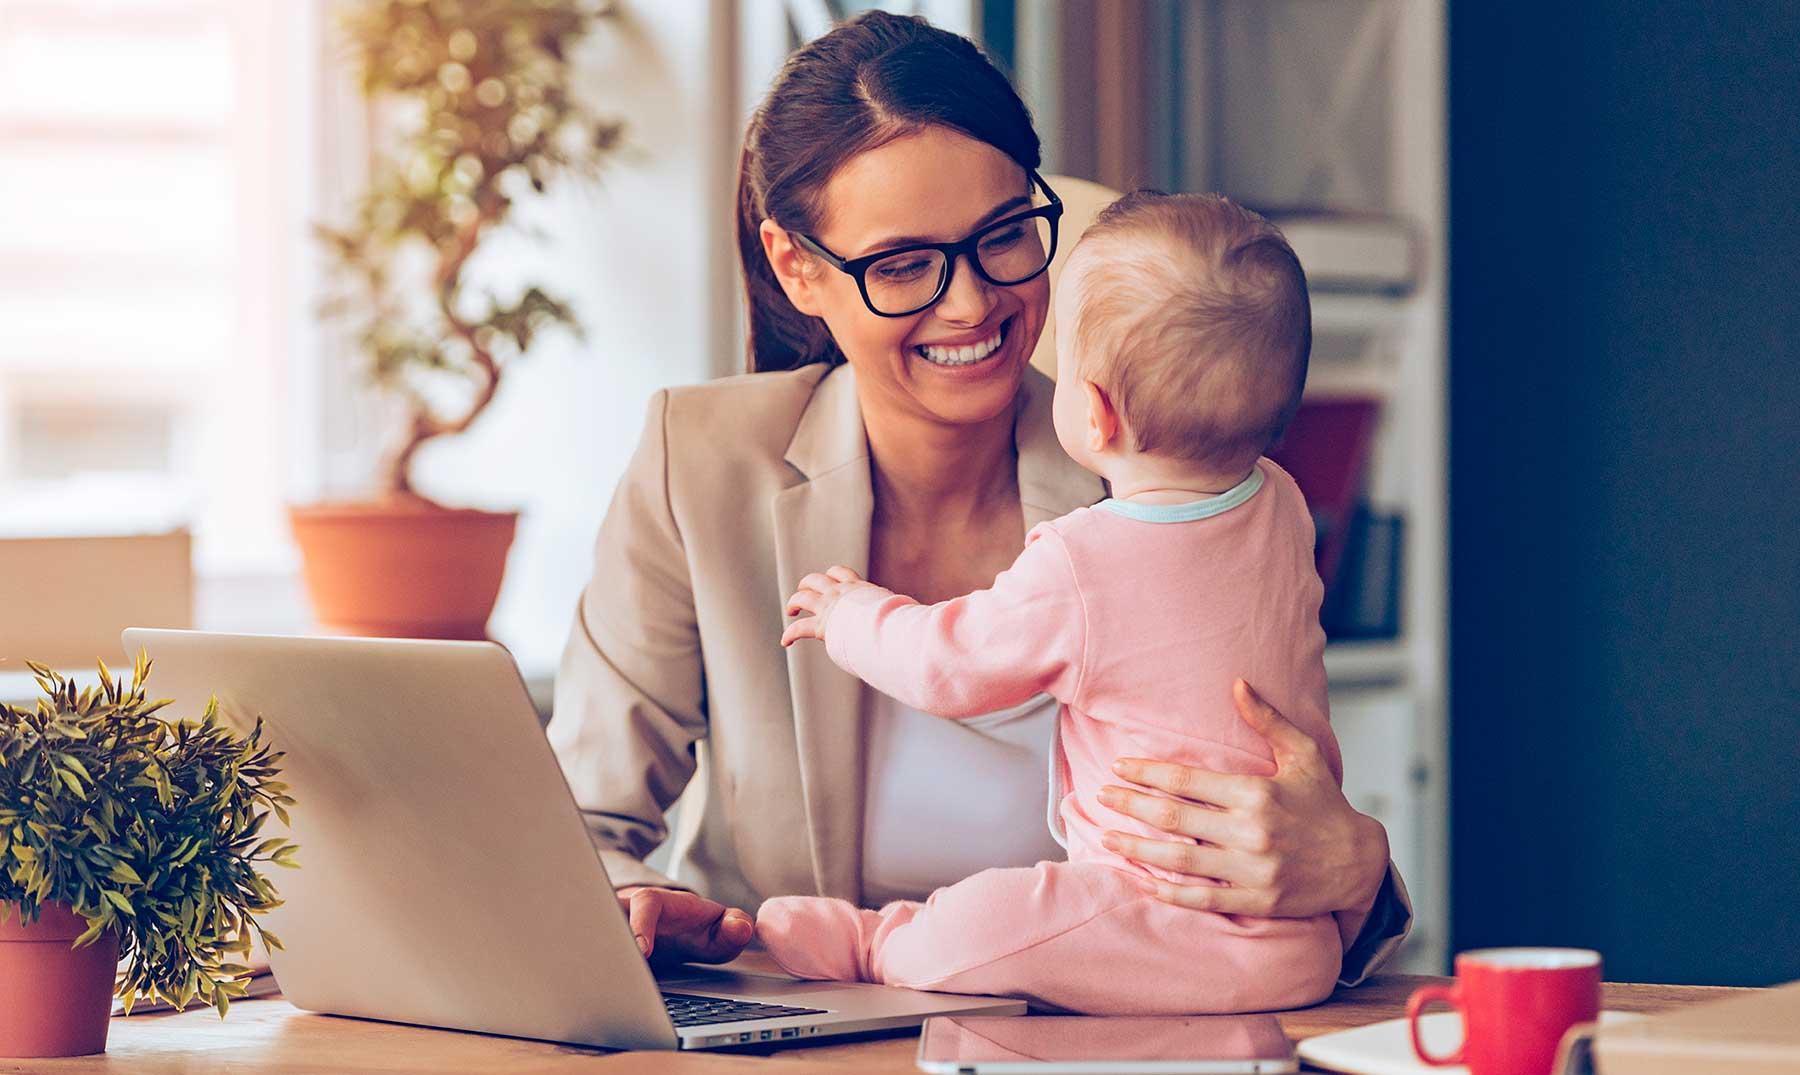 mujer con su bebé sentada frente al computador